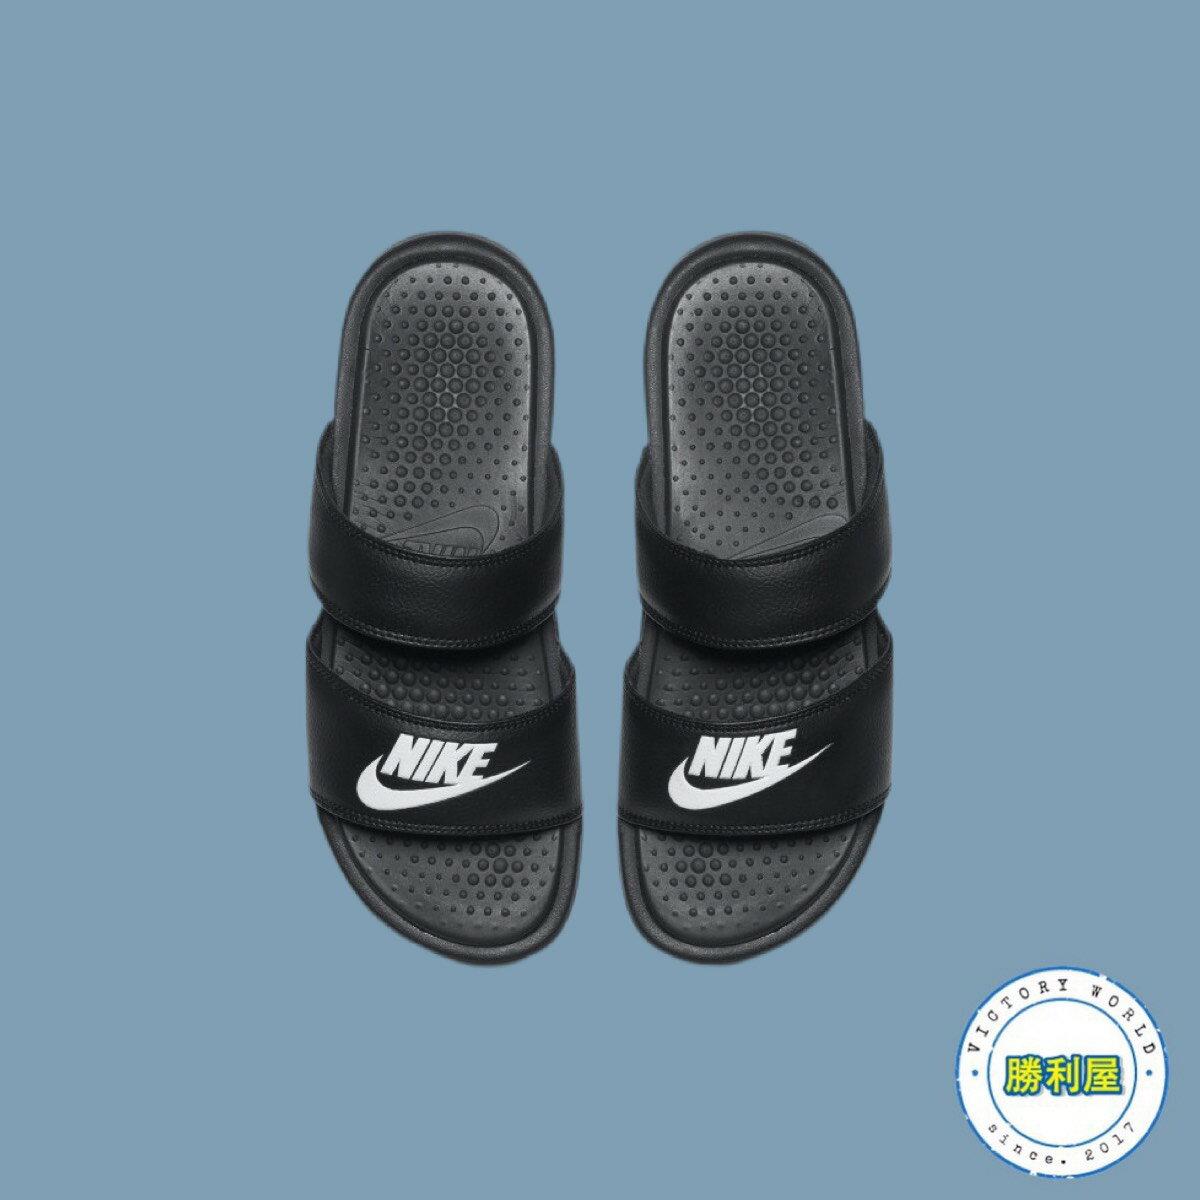 【領券最高折$350】【NIKE】NIKE NSW BENASSI ULTRA 女生 拖鞋 涼鞋 黑白 / 白銀 熱銷款 819717-010 819717-100【勝利屋】